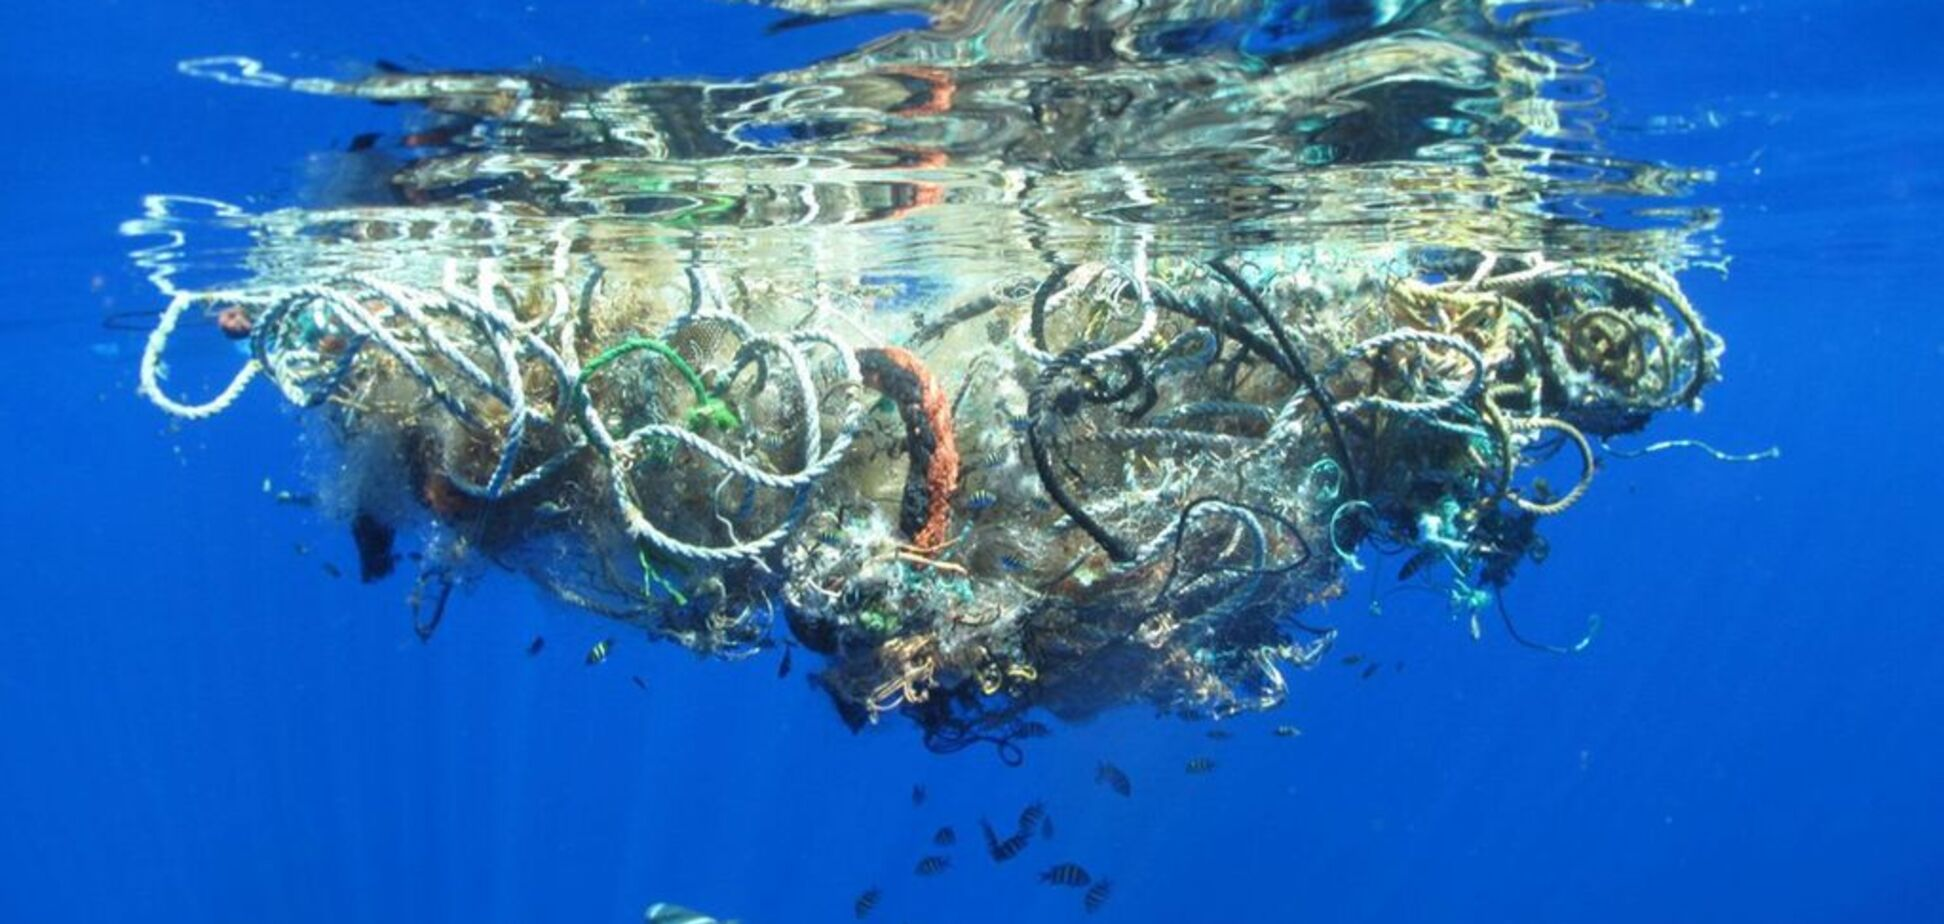 Подорож гігантських островів сміття в океані: NASA показало страхітливу картину – відео